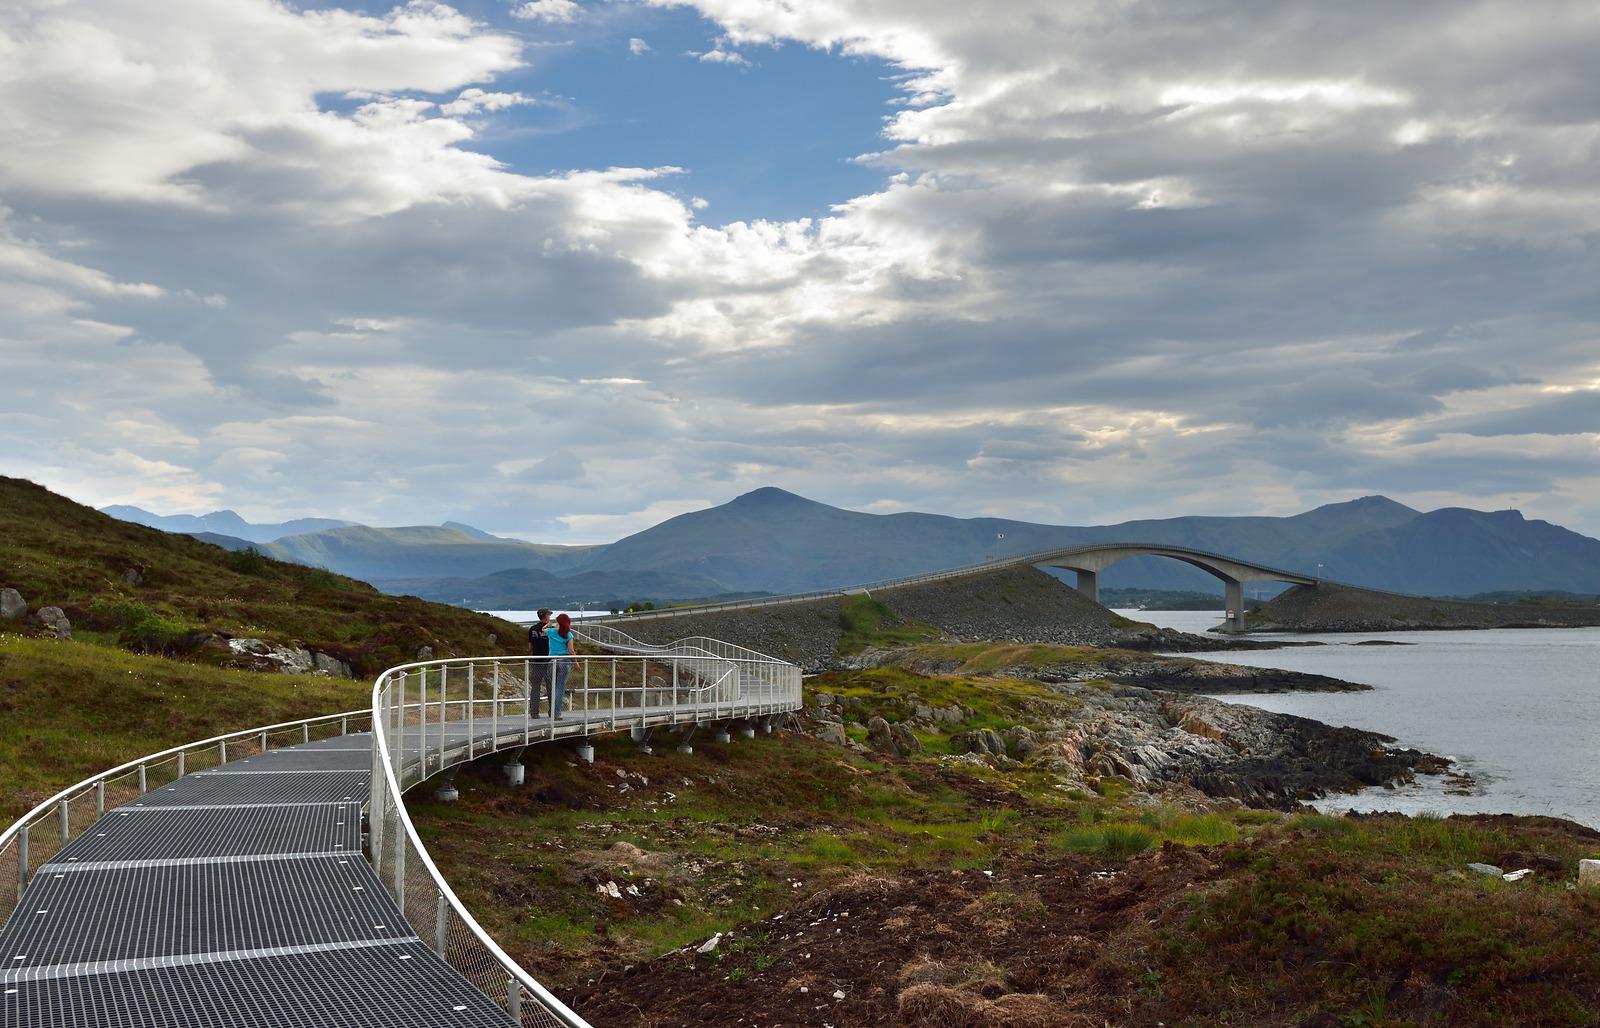 Atlantic Road / Atlanterhavsvegen, July 5th. Photo by Roger Ellingsen / Statens Vegvesen.